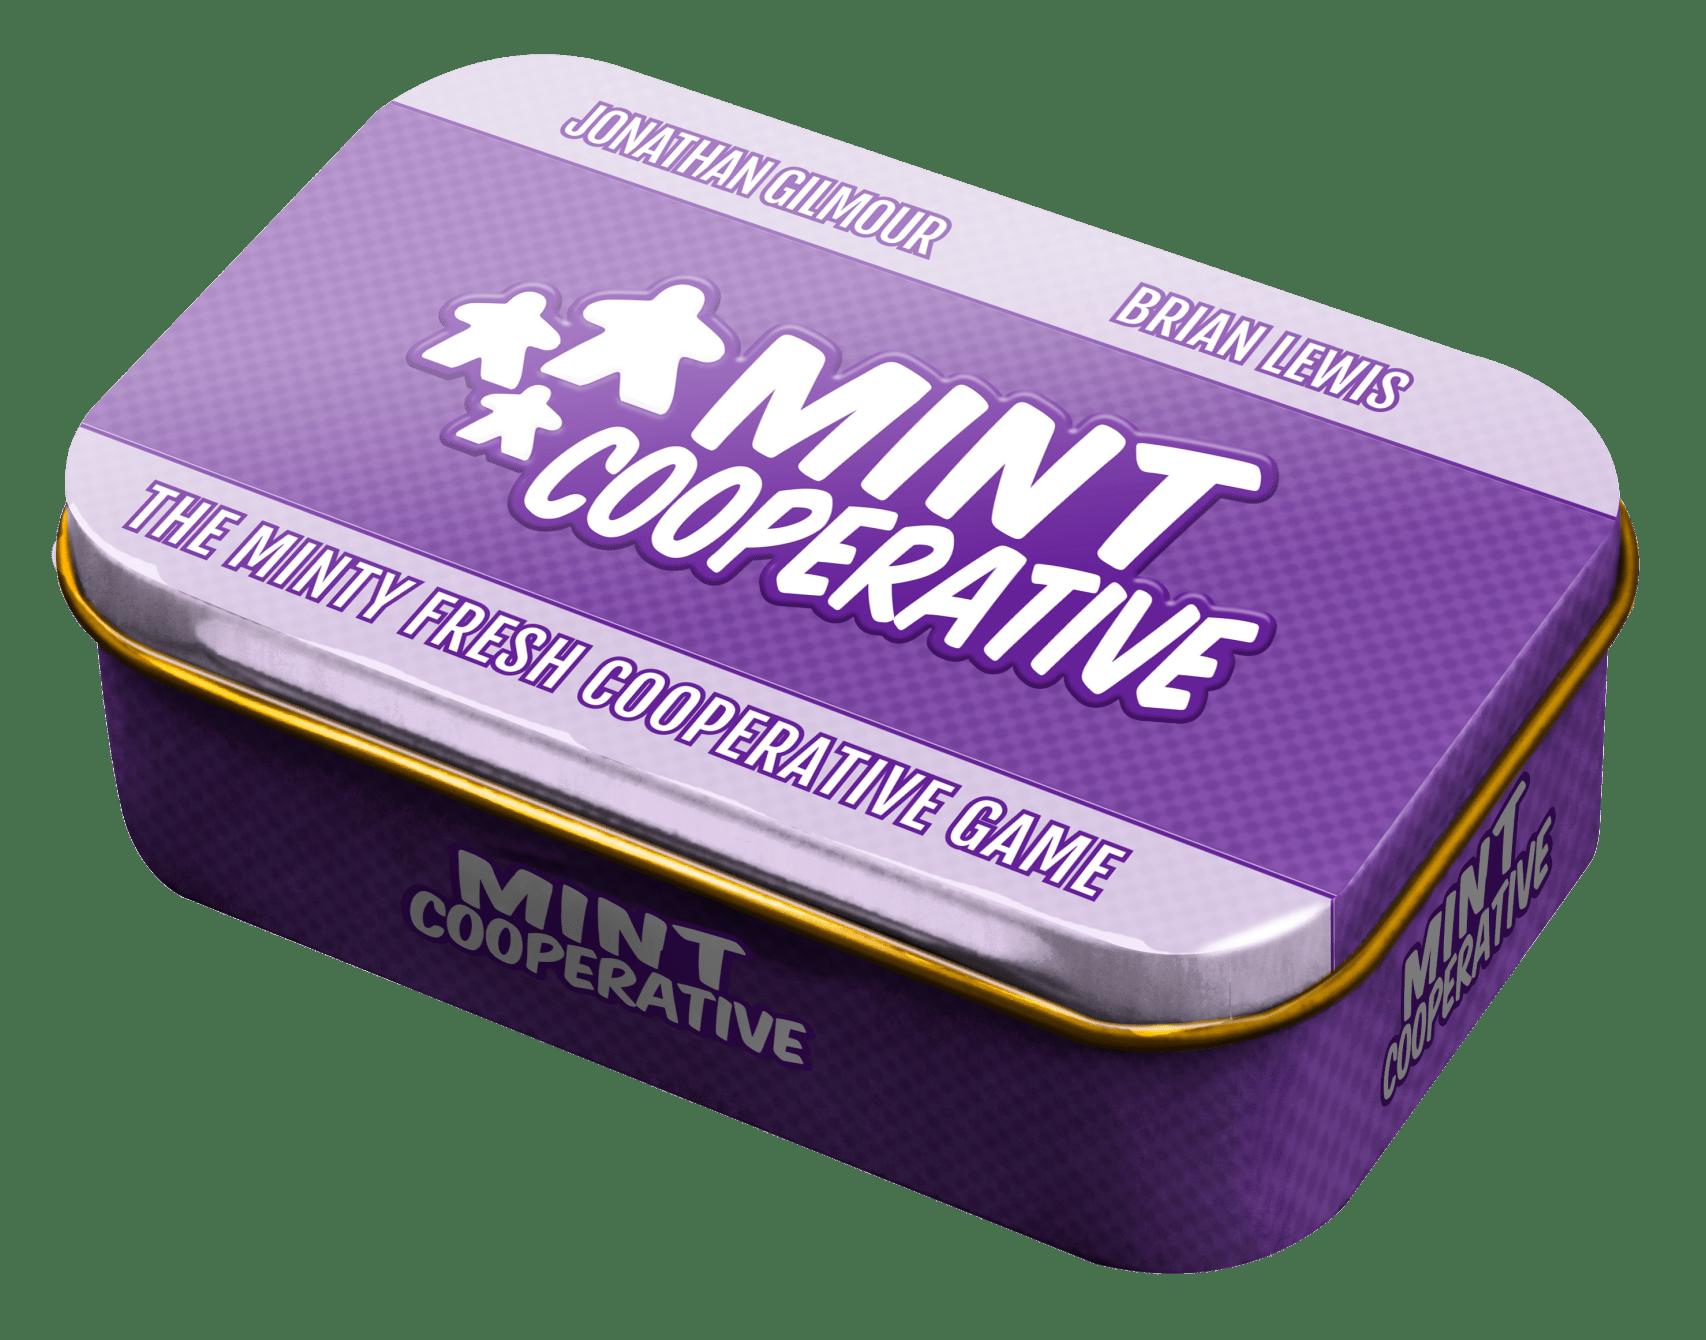 boite_cooperative